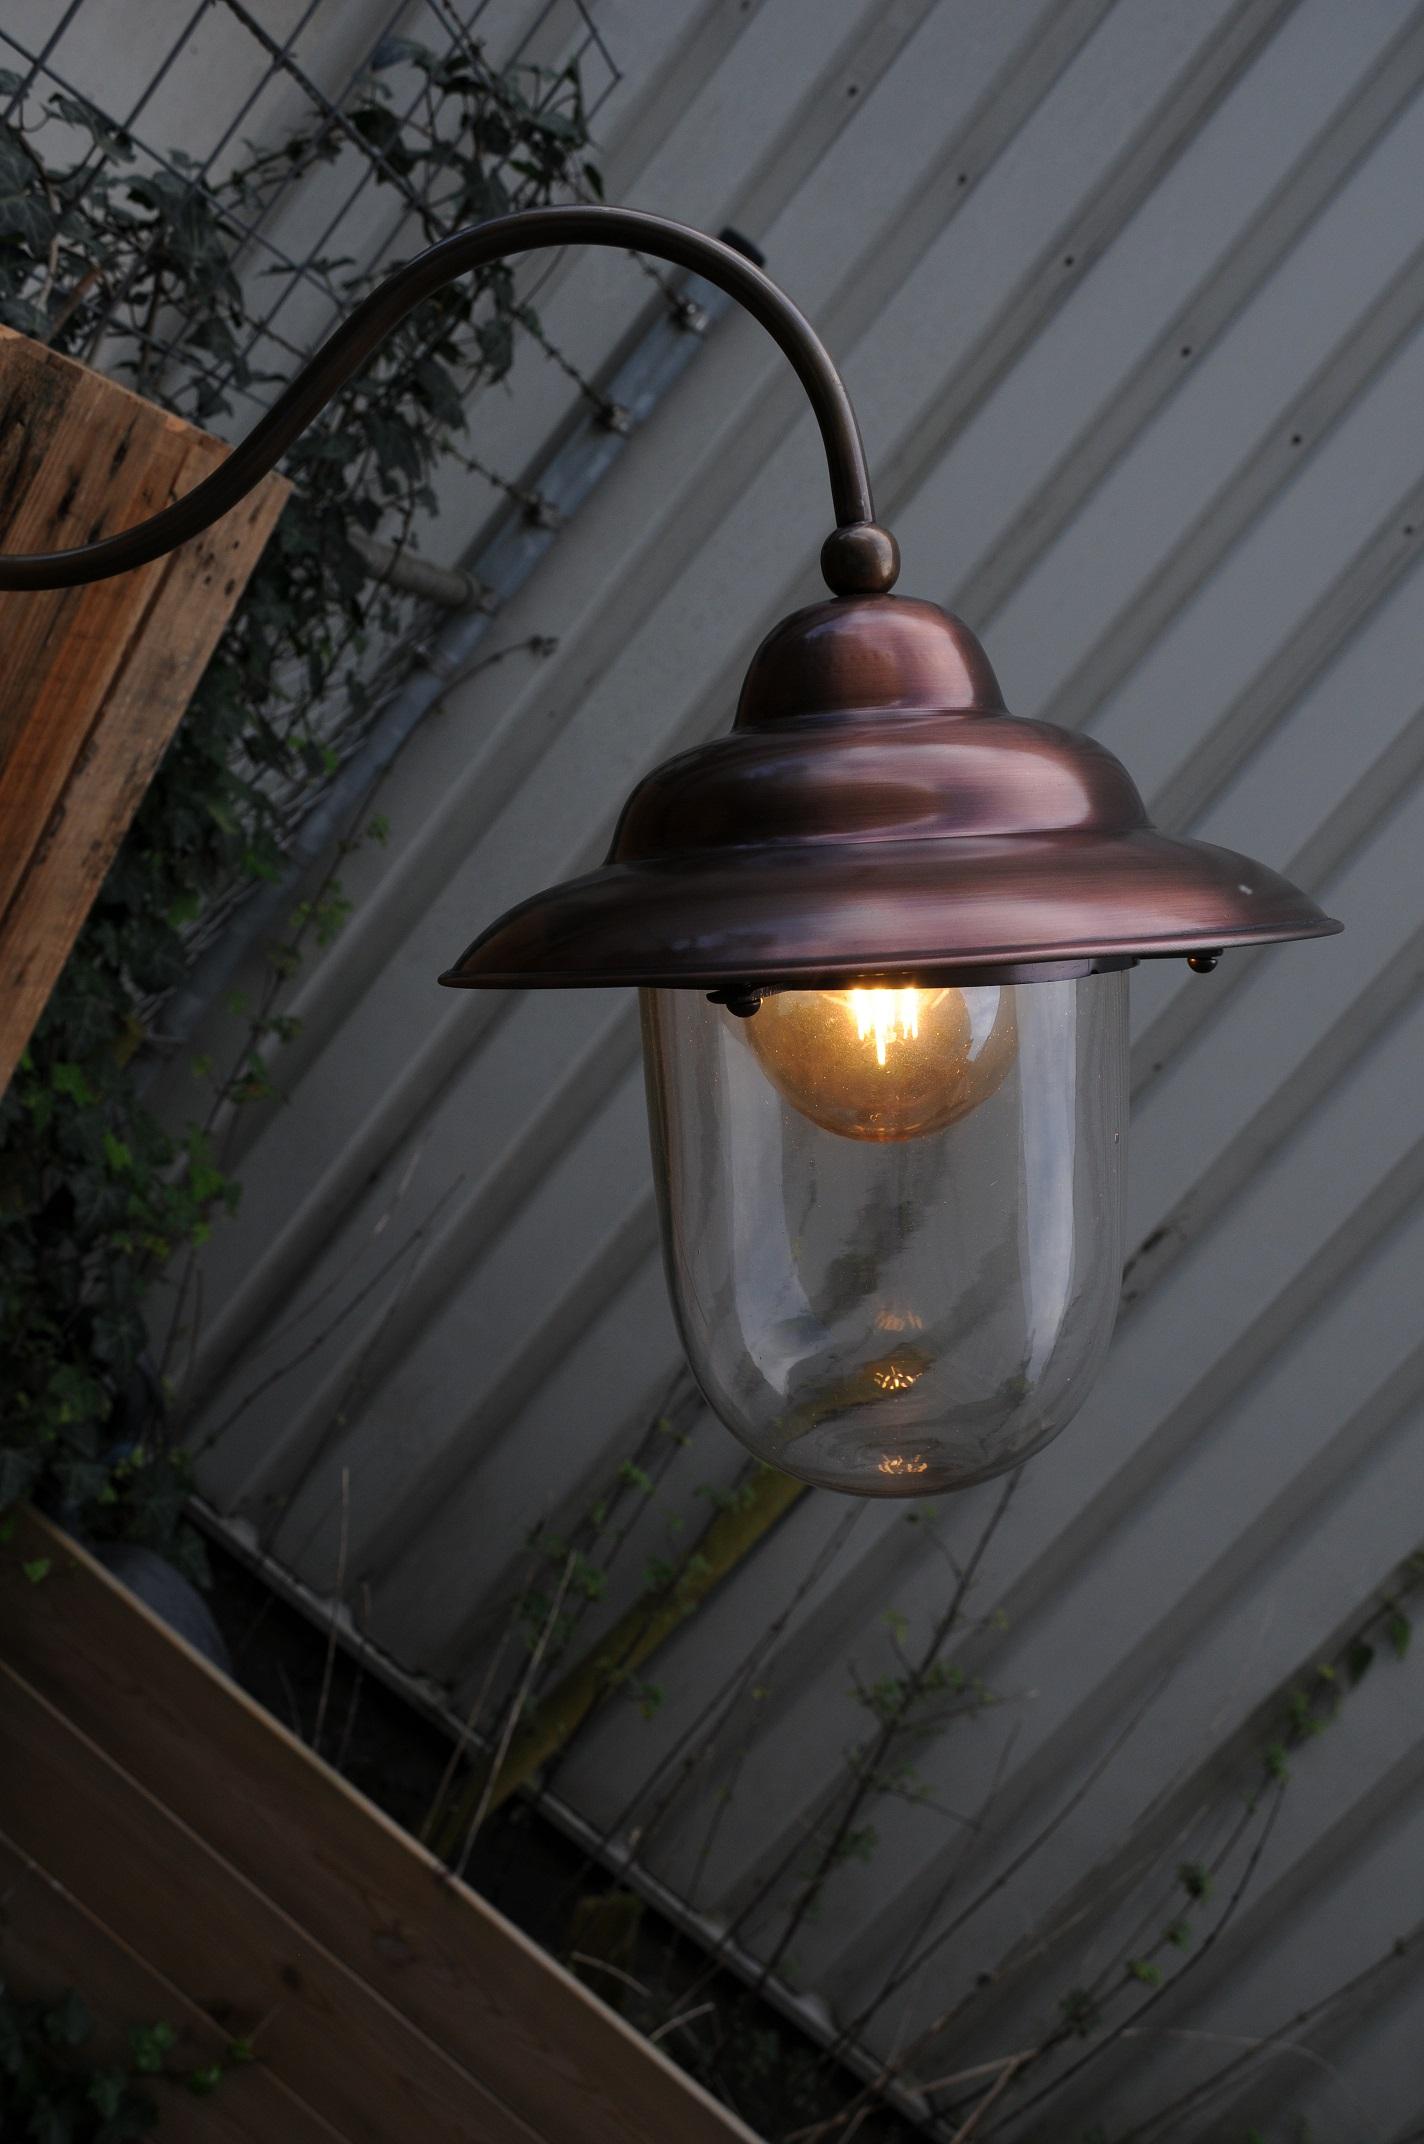 Ongebruikt Retro wandlamp, van koper en messing, mooie zware buitenlamp IJ-87